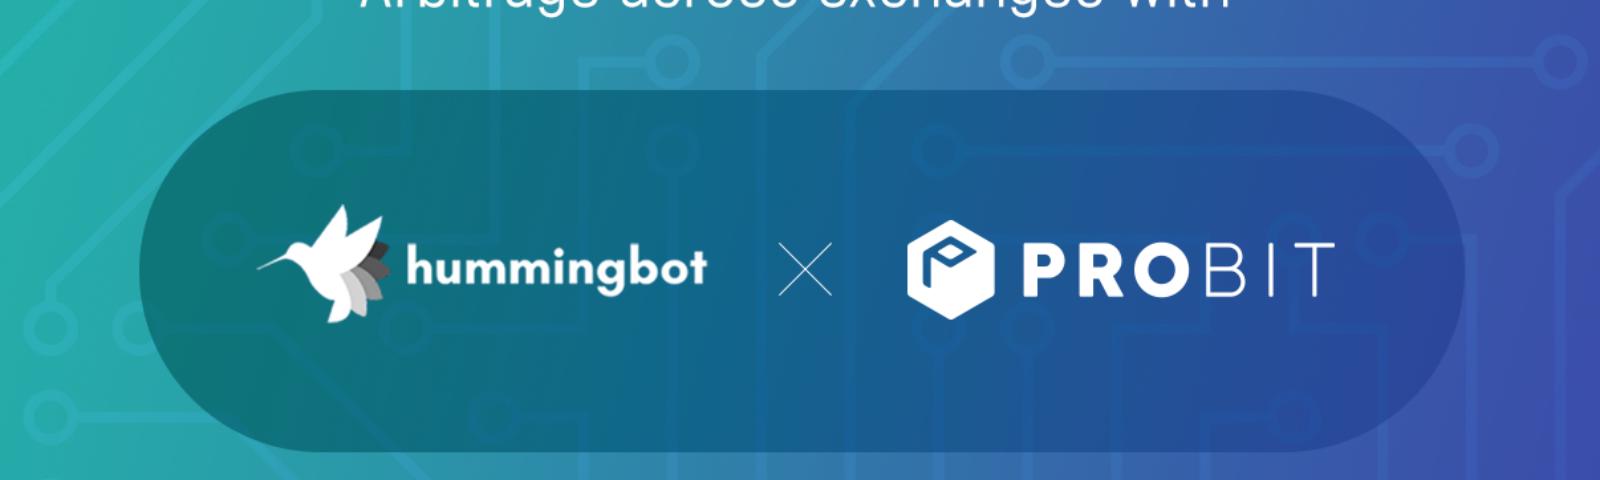 ProBit tích hợp với Hummningbot để cung cấp dịch vụ tạo thị trường tự động